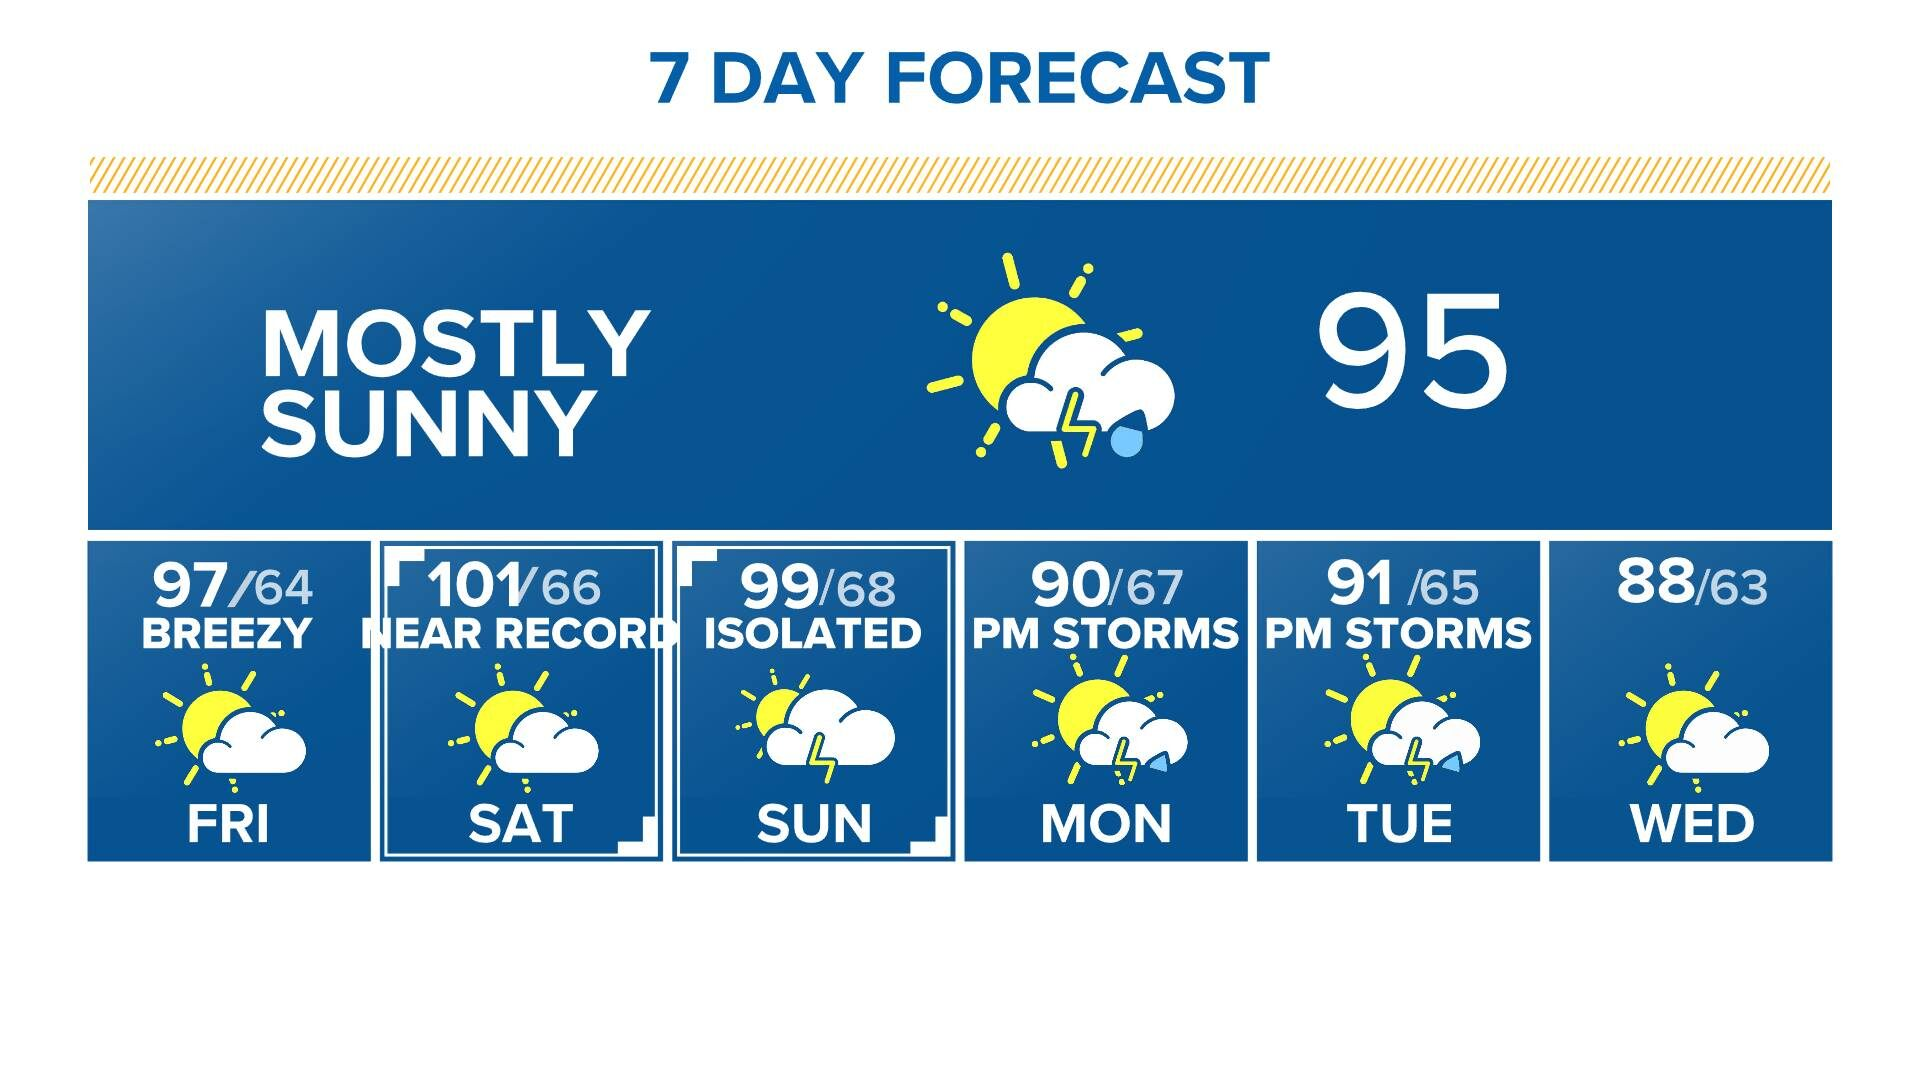 10 Day Forecast On 9news In Denver